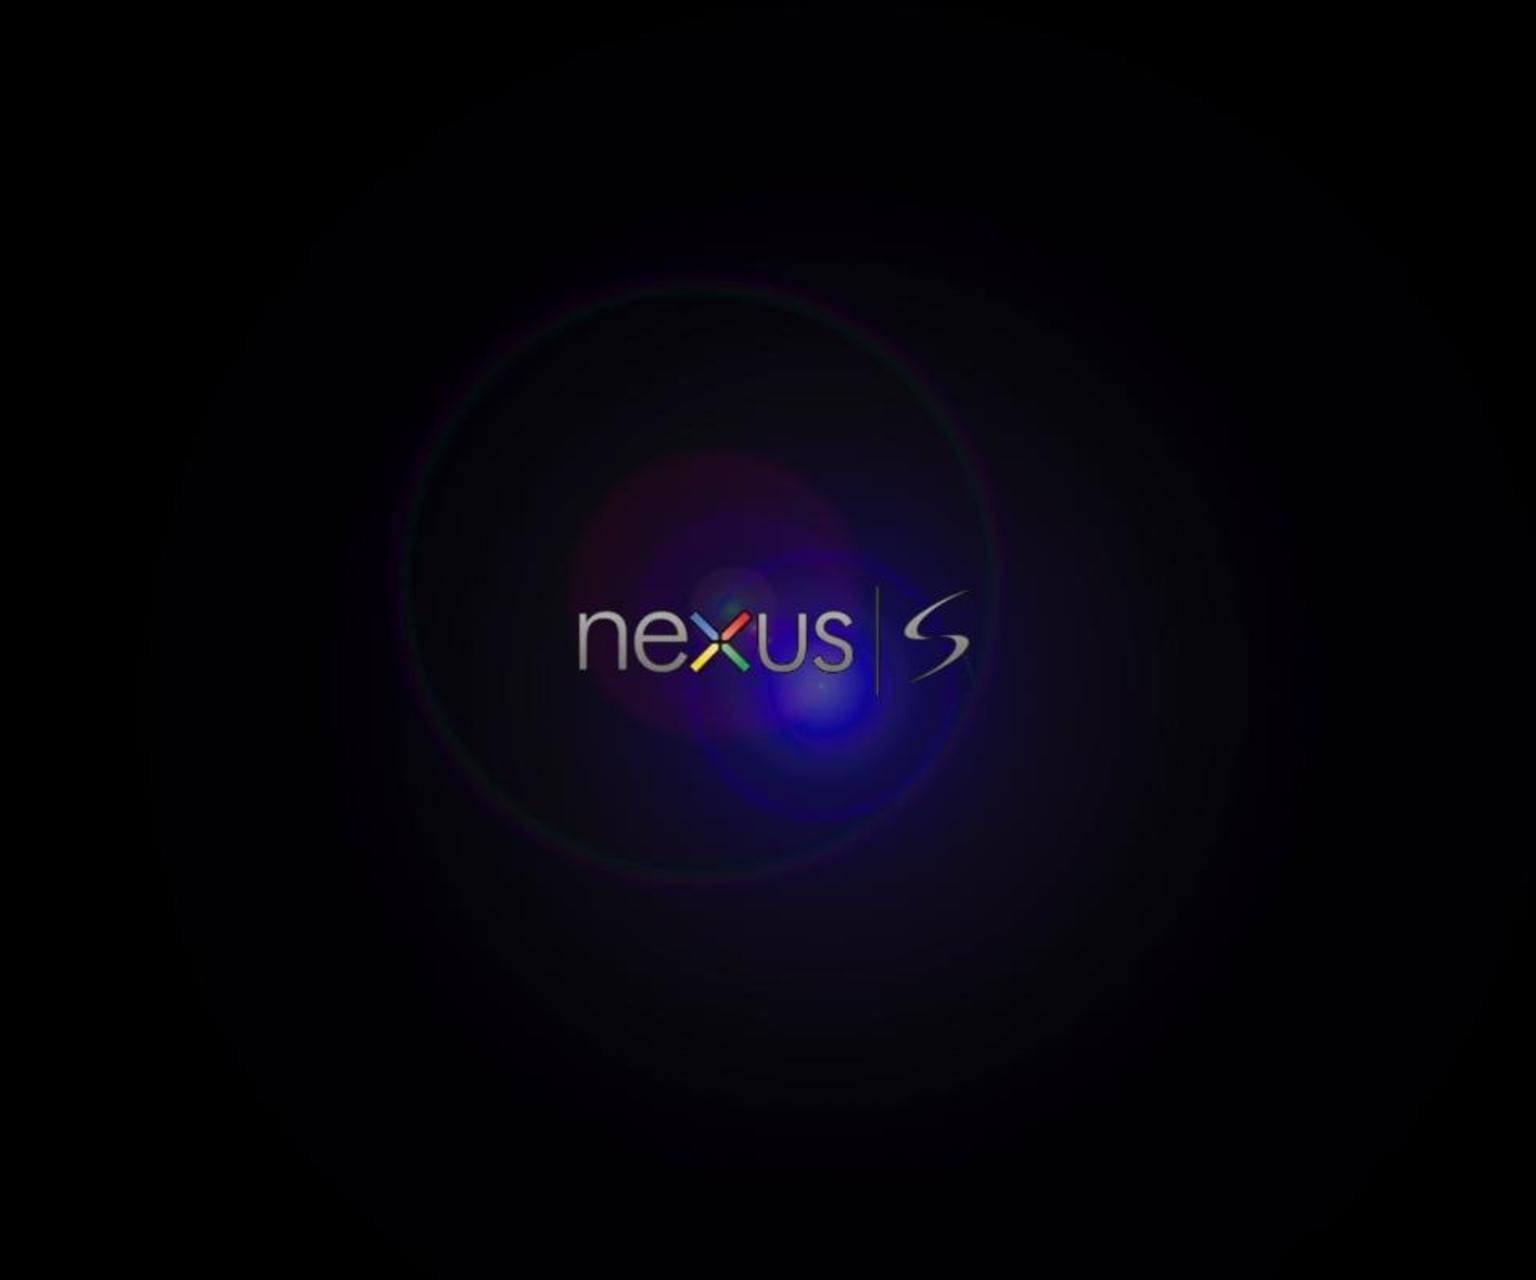 download DESKTOP BACKGROUND HD NEXUS [1536x1280] for your 1536x1280